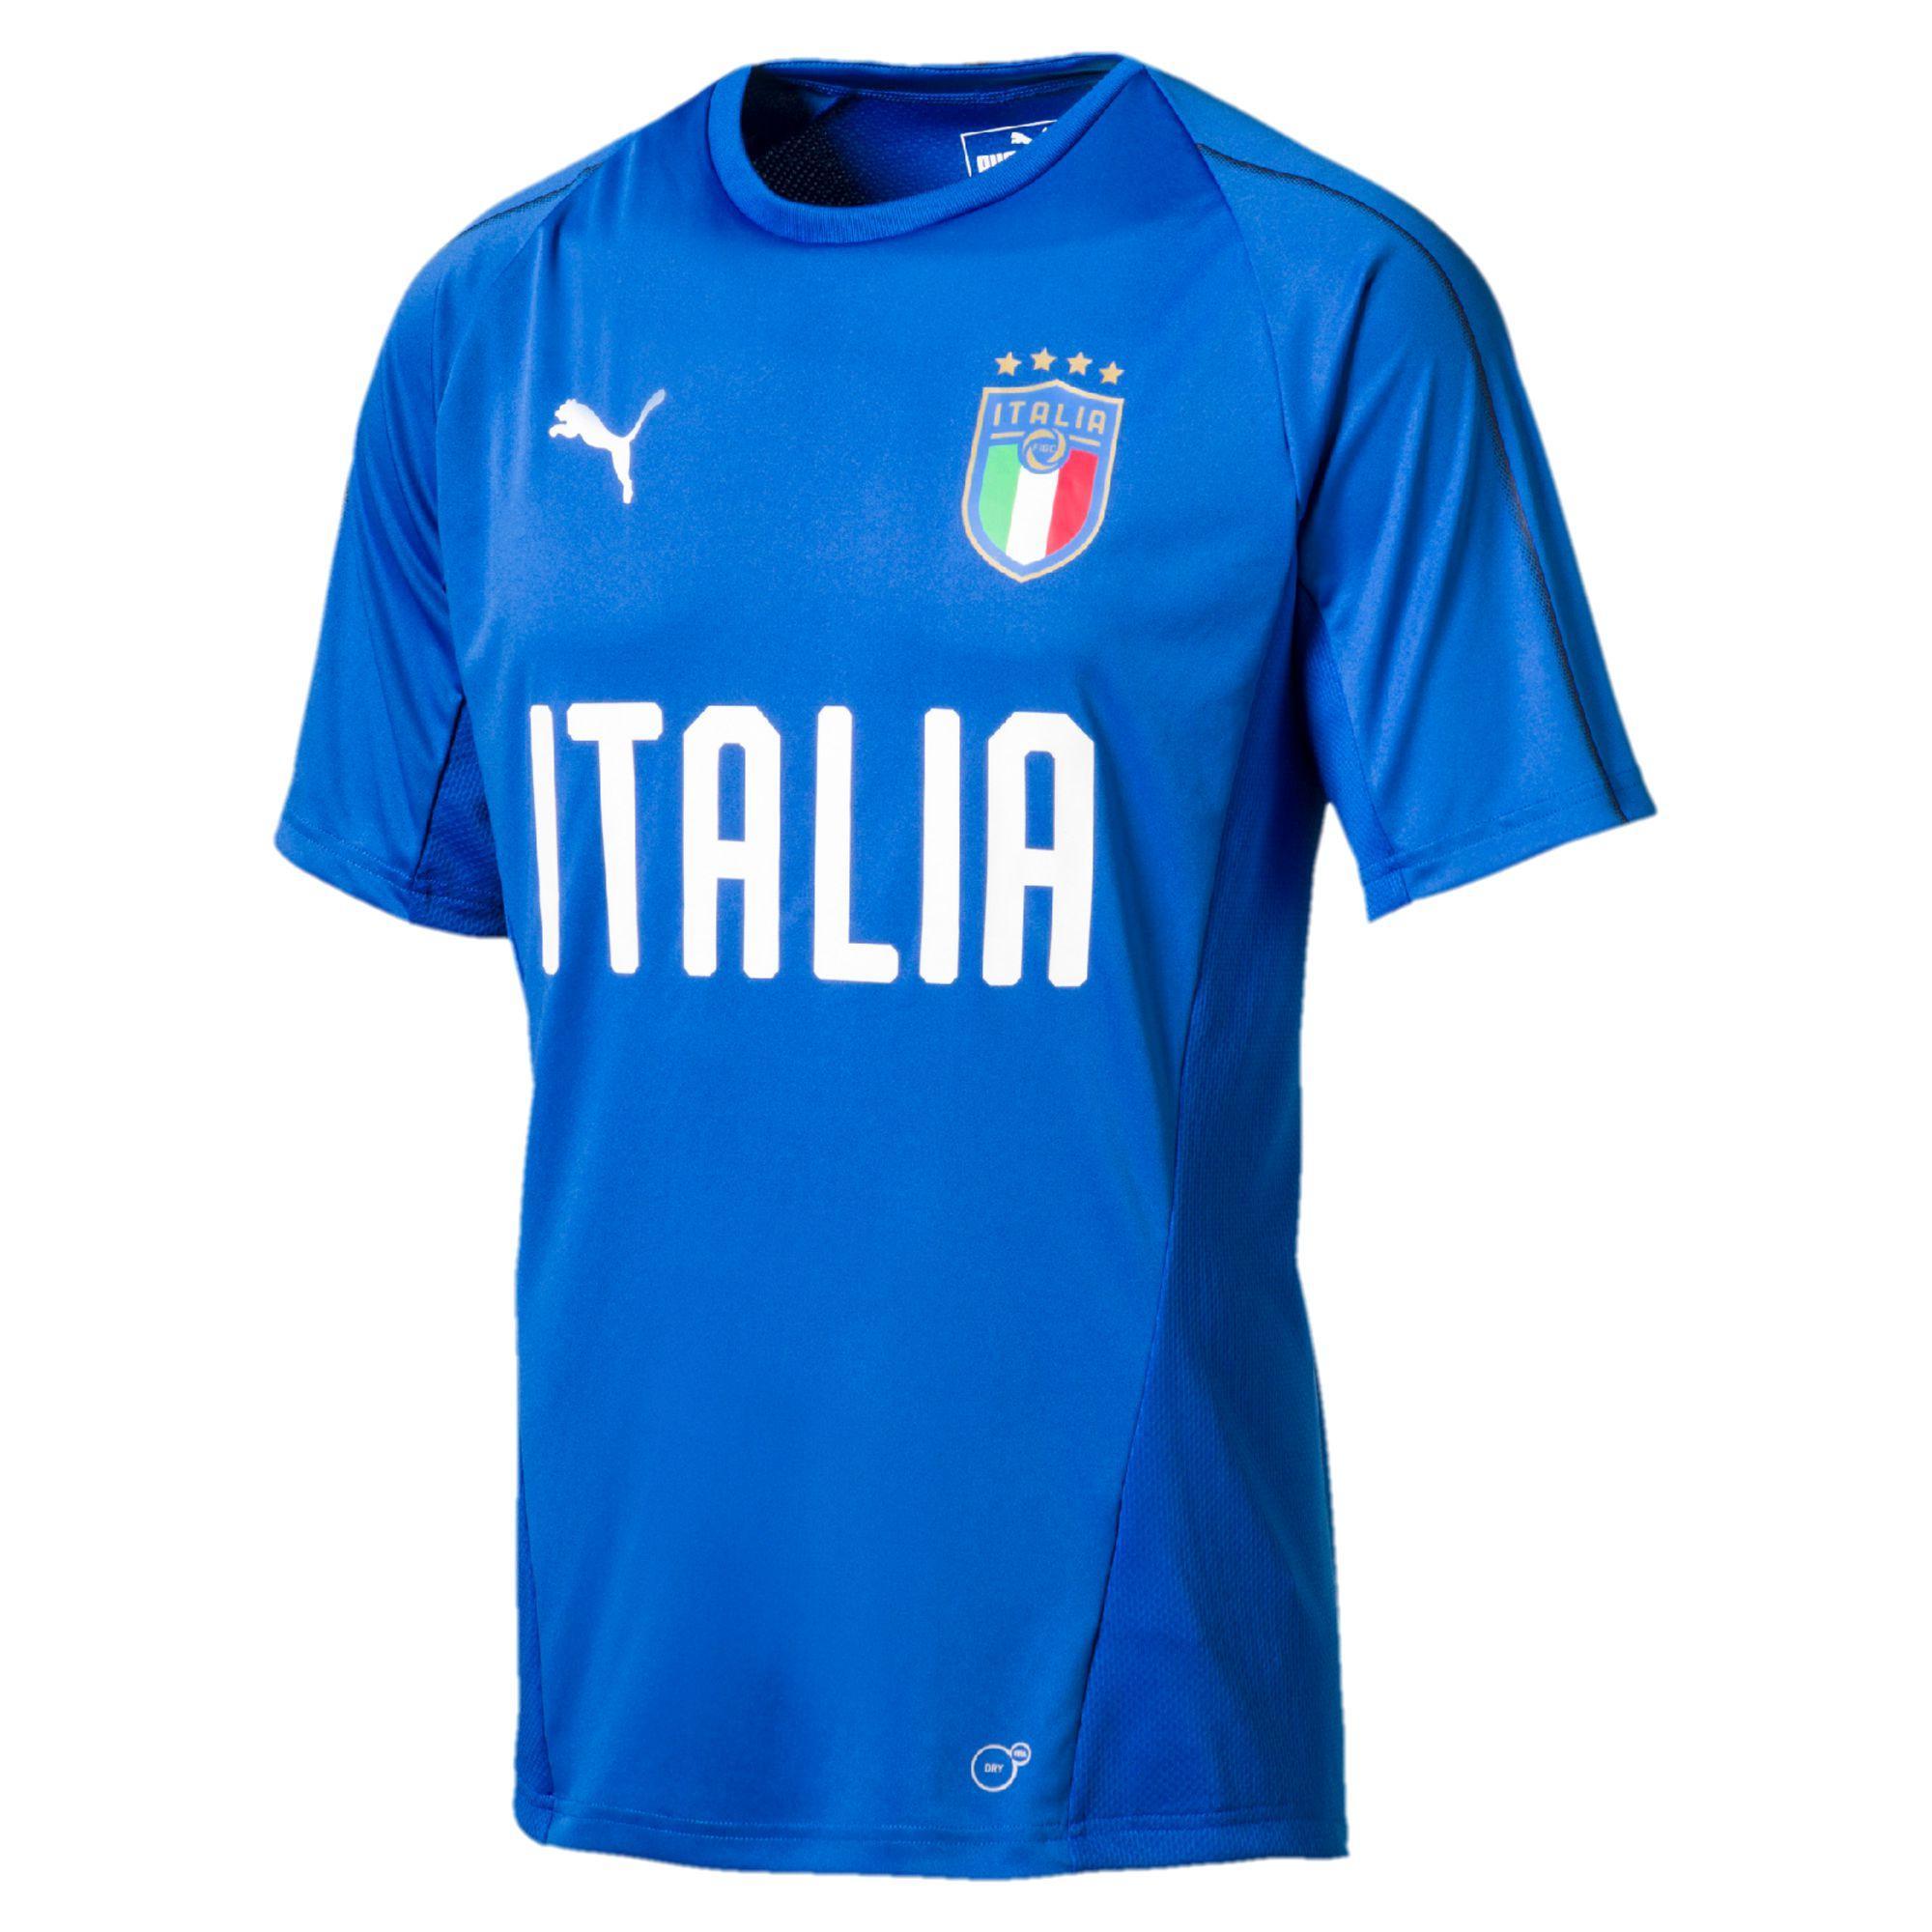 Puma Maglia Allenamento Figc Training Jersey Italia